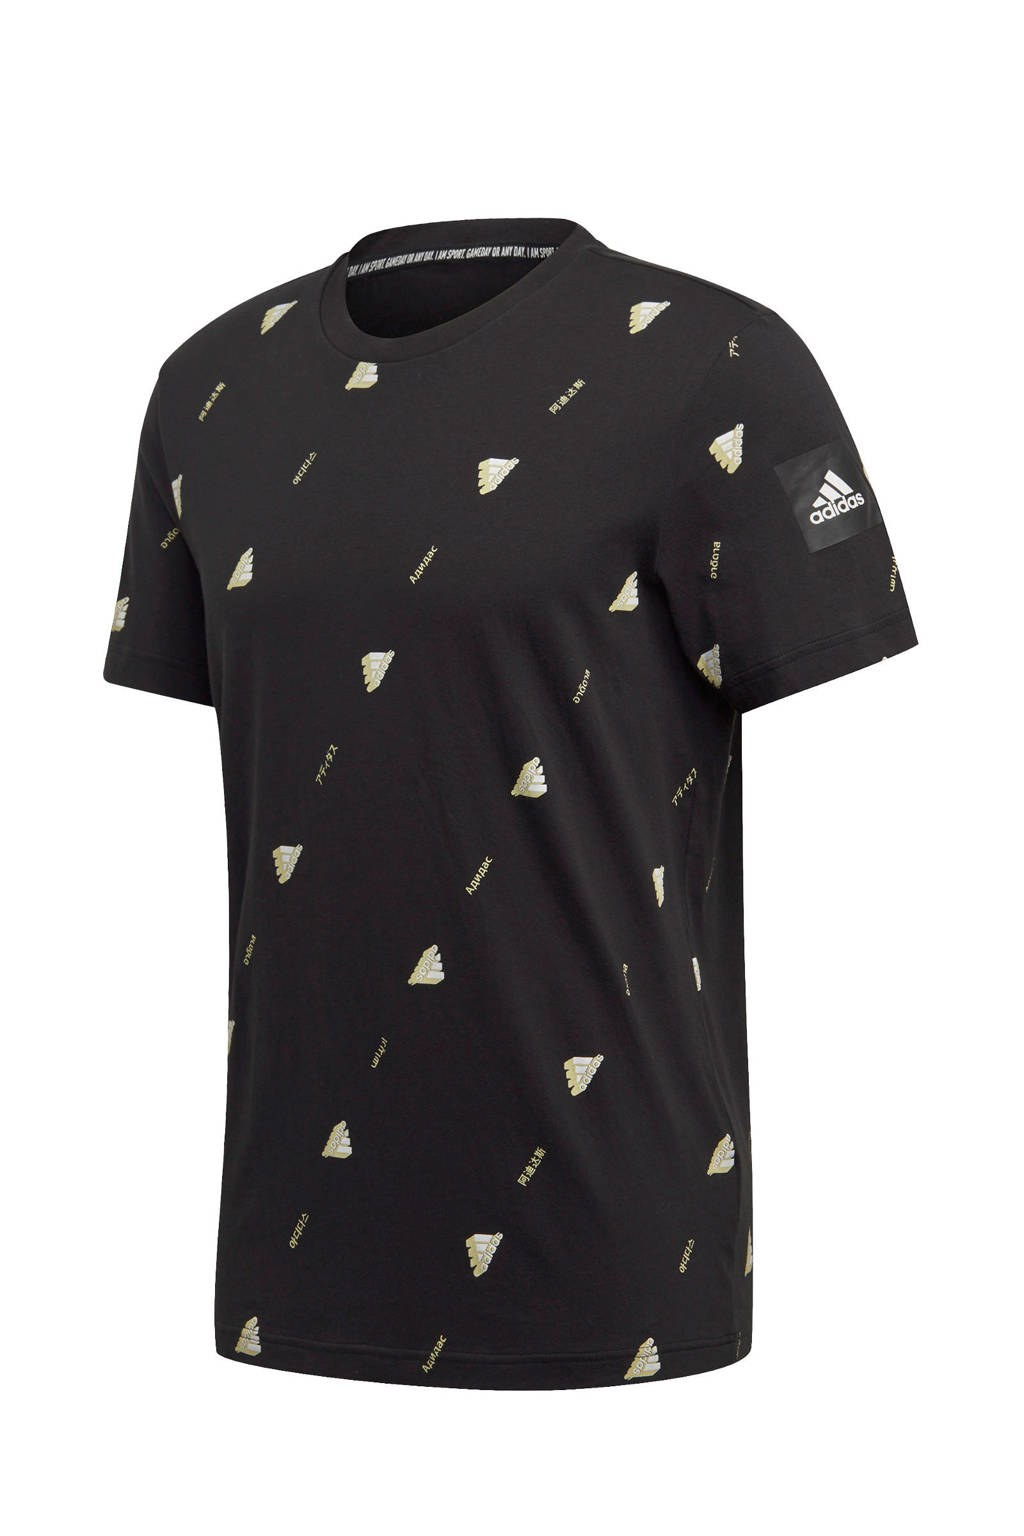 adidas Performance   sport T-shirt zwart, Zwart/geel